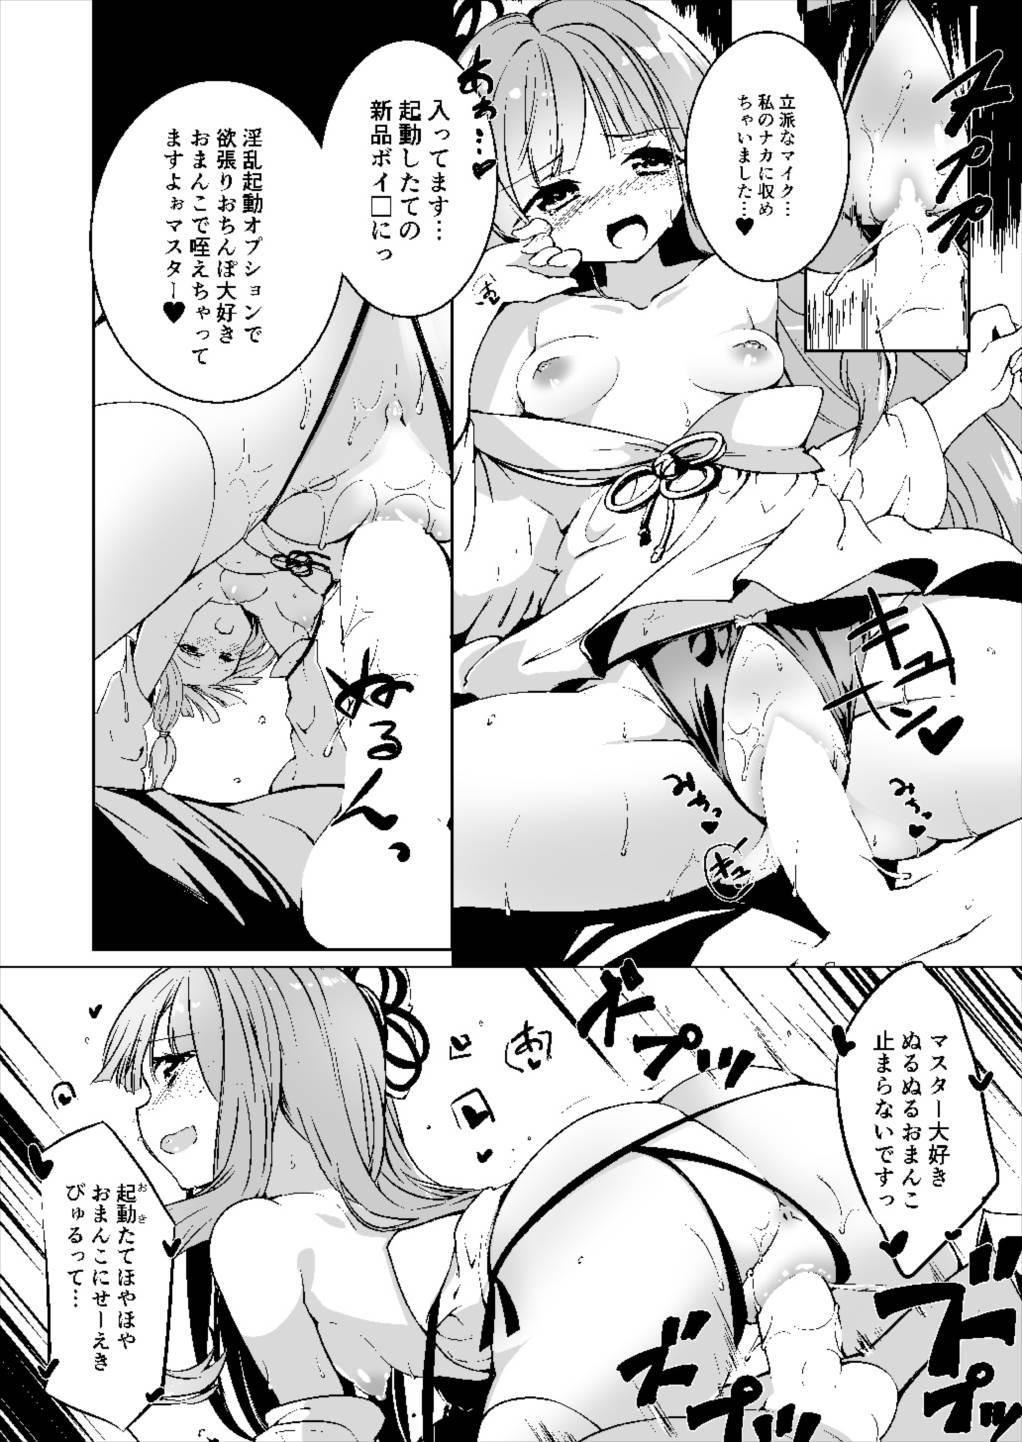 コトノハラバーズ VOL.06 【お姉ちゃん観察日記】 5